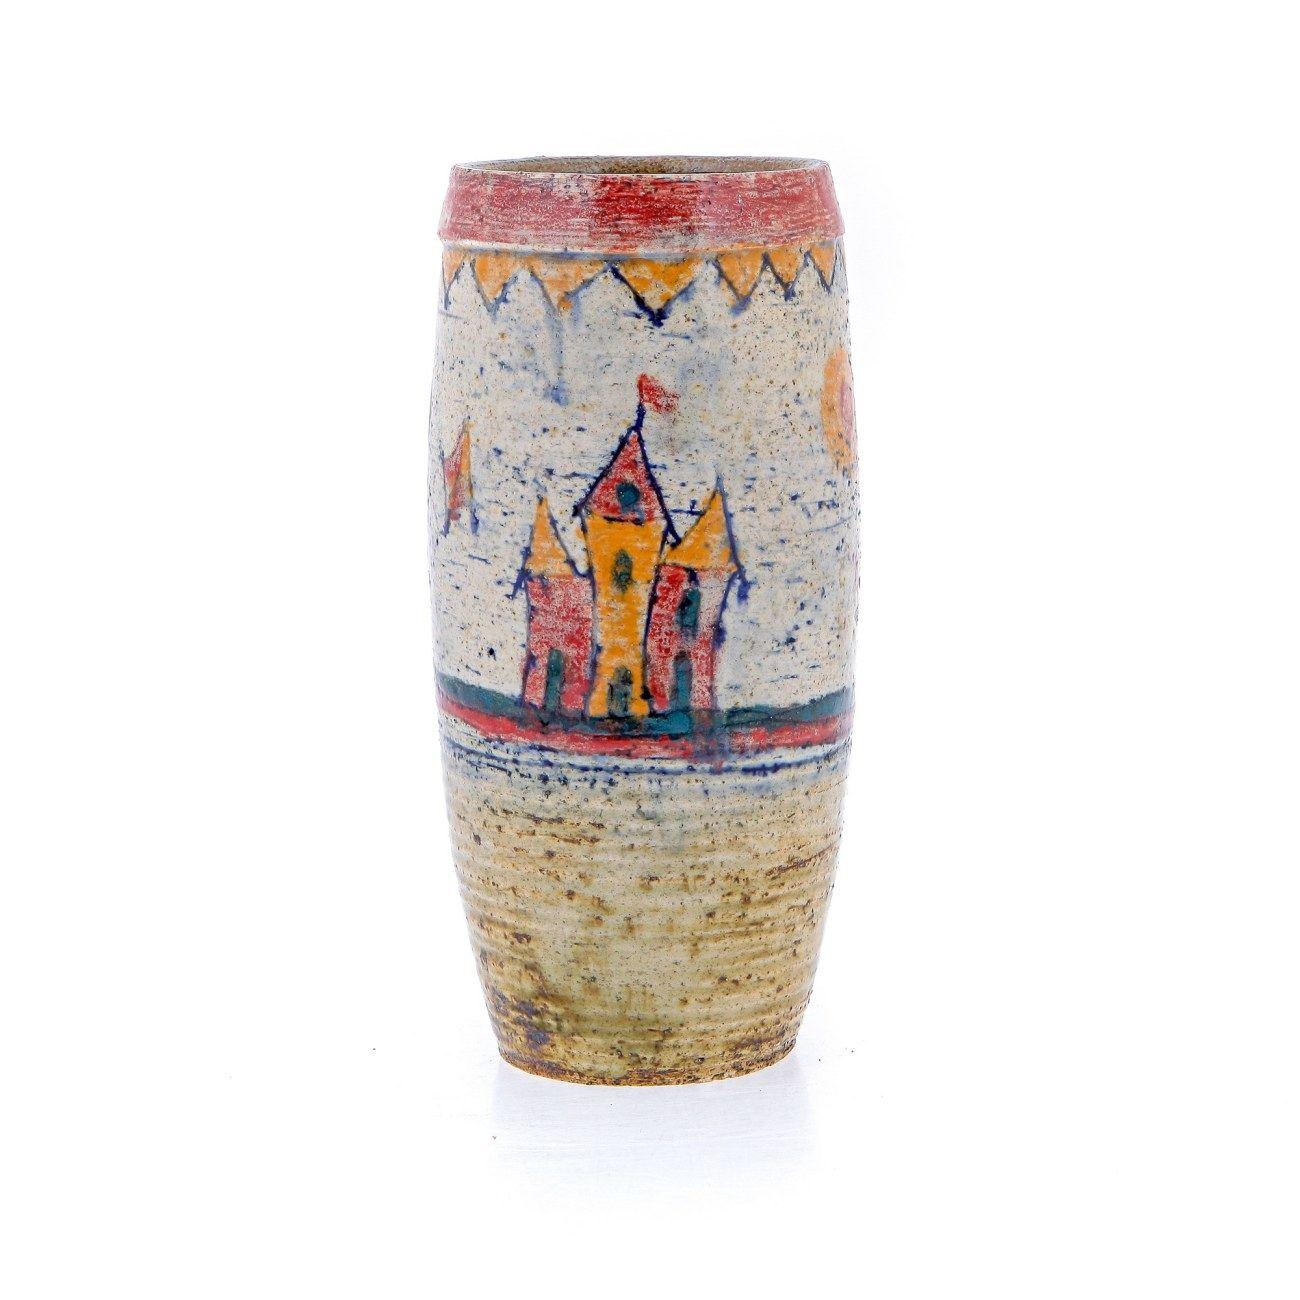 ceramic decorative castle design round flower vase, unique hand